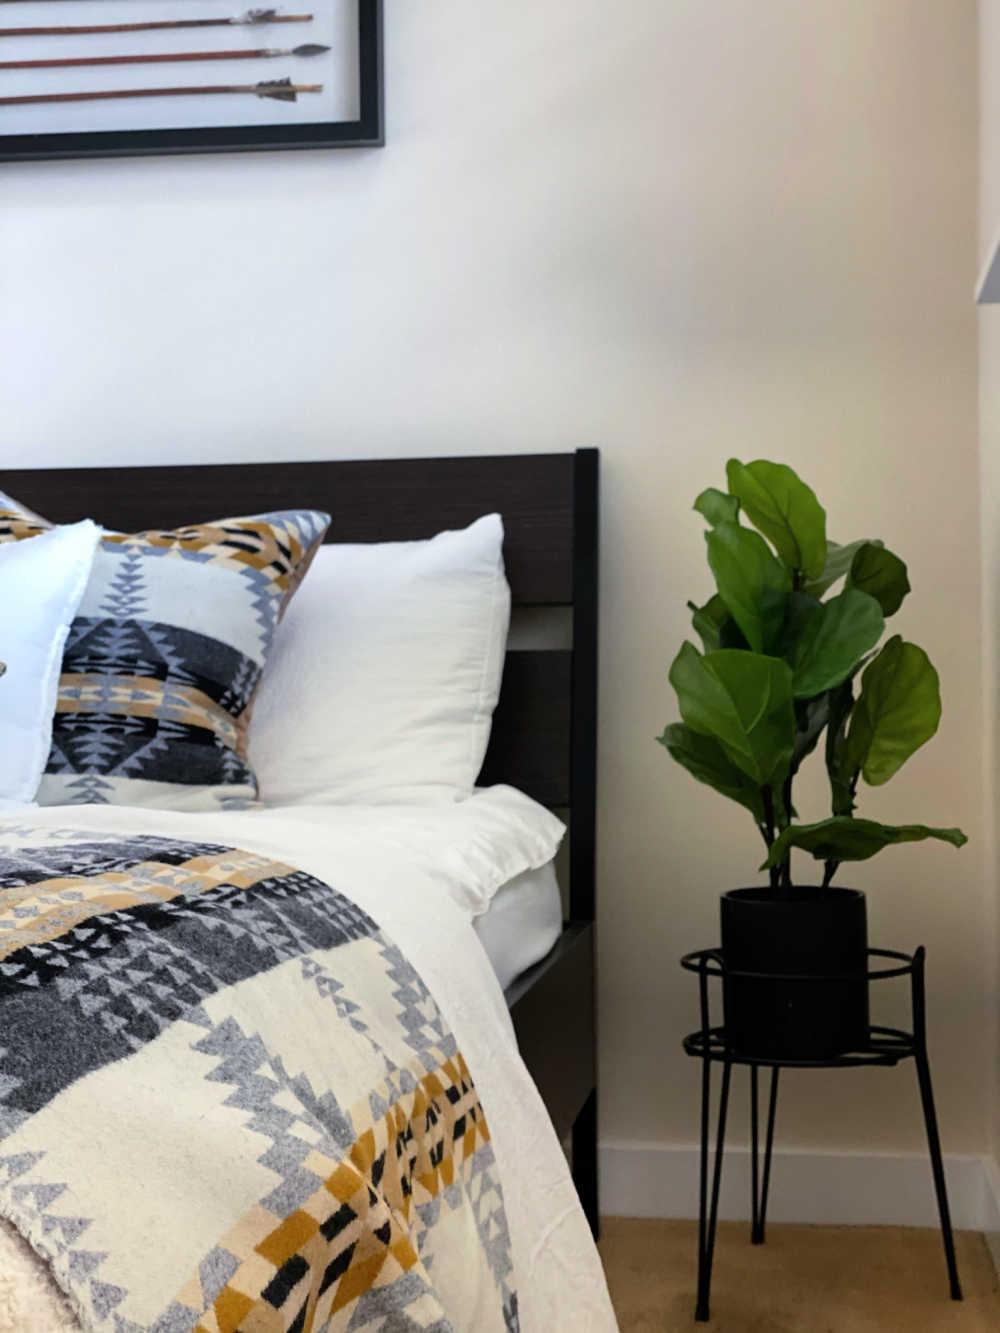 pendleton bedding